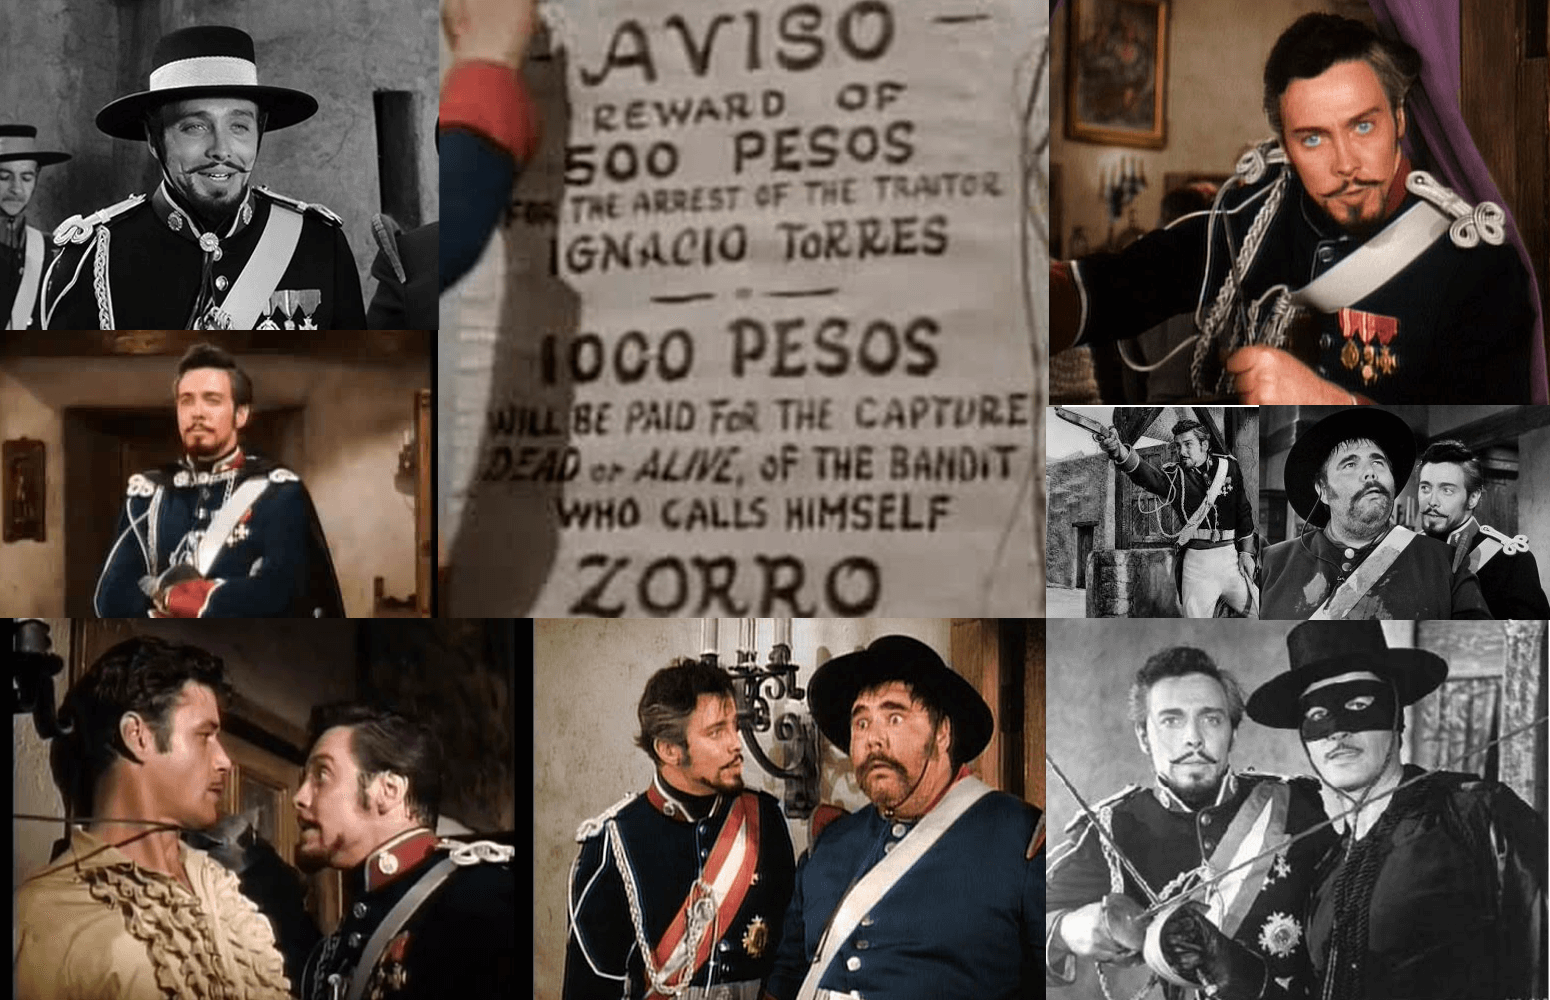 Niuanse i odcienie Enrique Monastario Zorro Disney